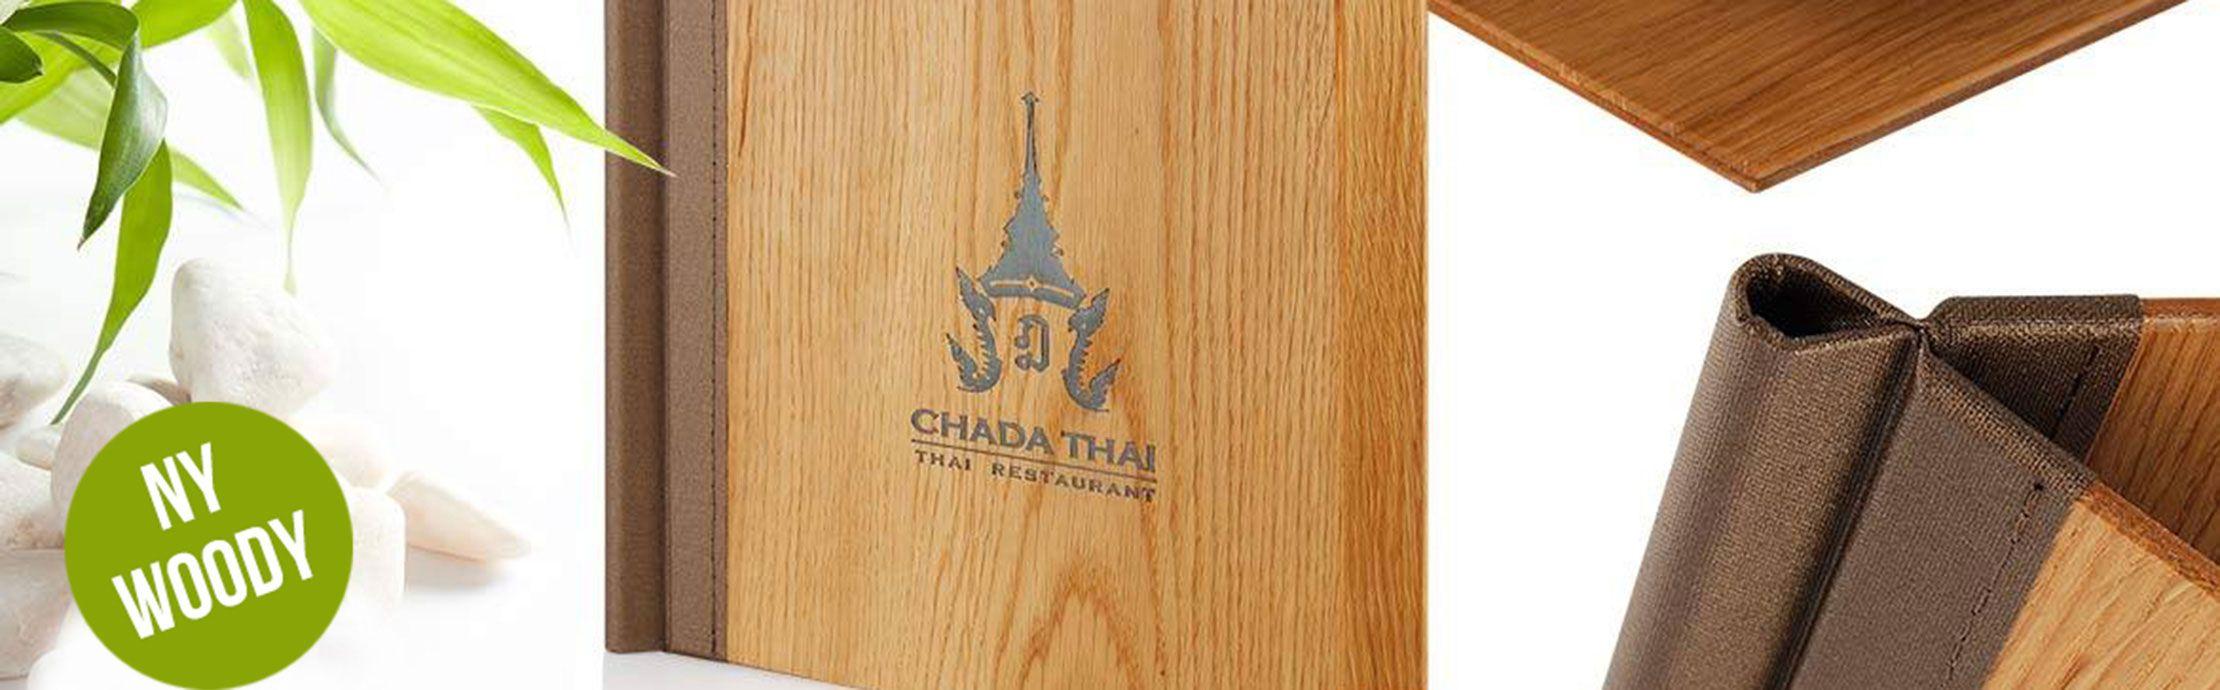 Menypärm i trä för restaurang eller hotell.